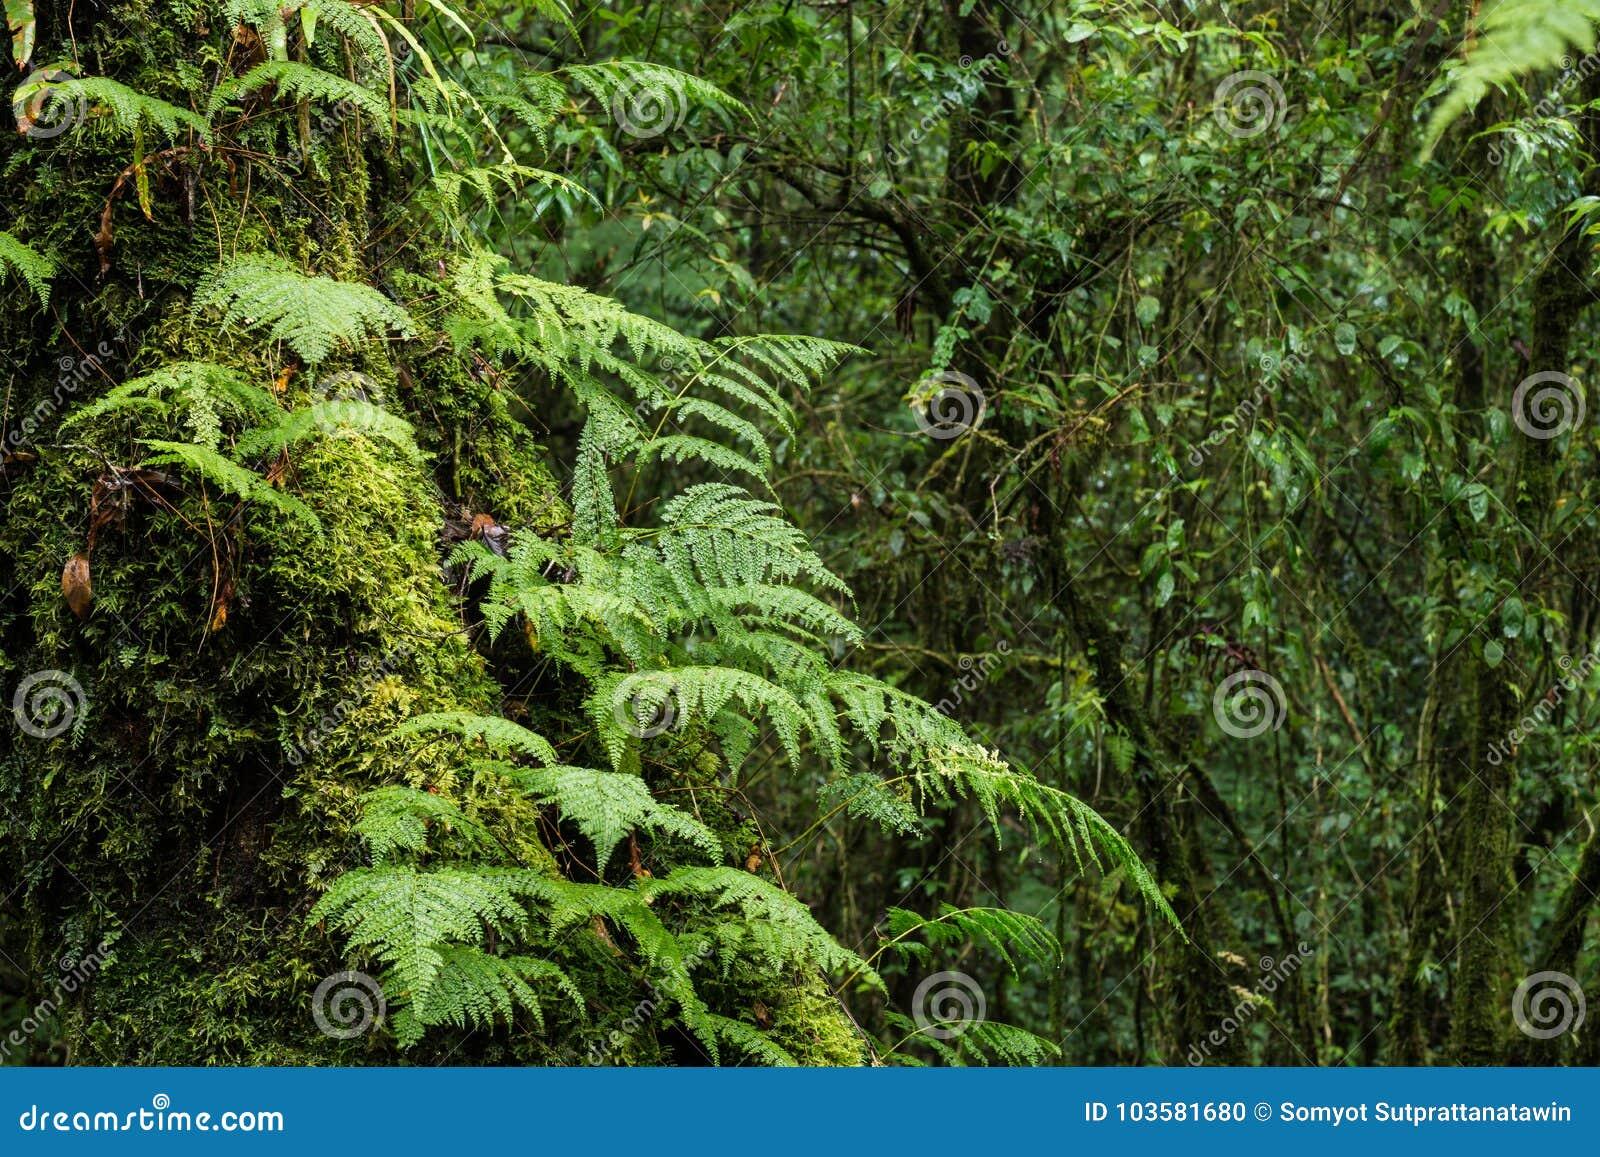 Исследуйте предпосылку дождевого леса с зелеными мхами и папоротником